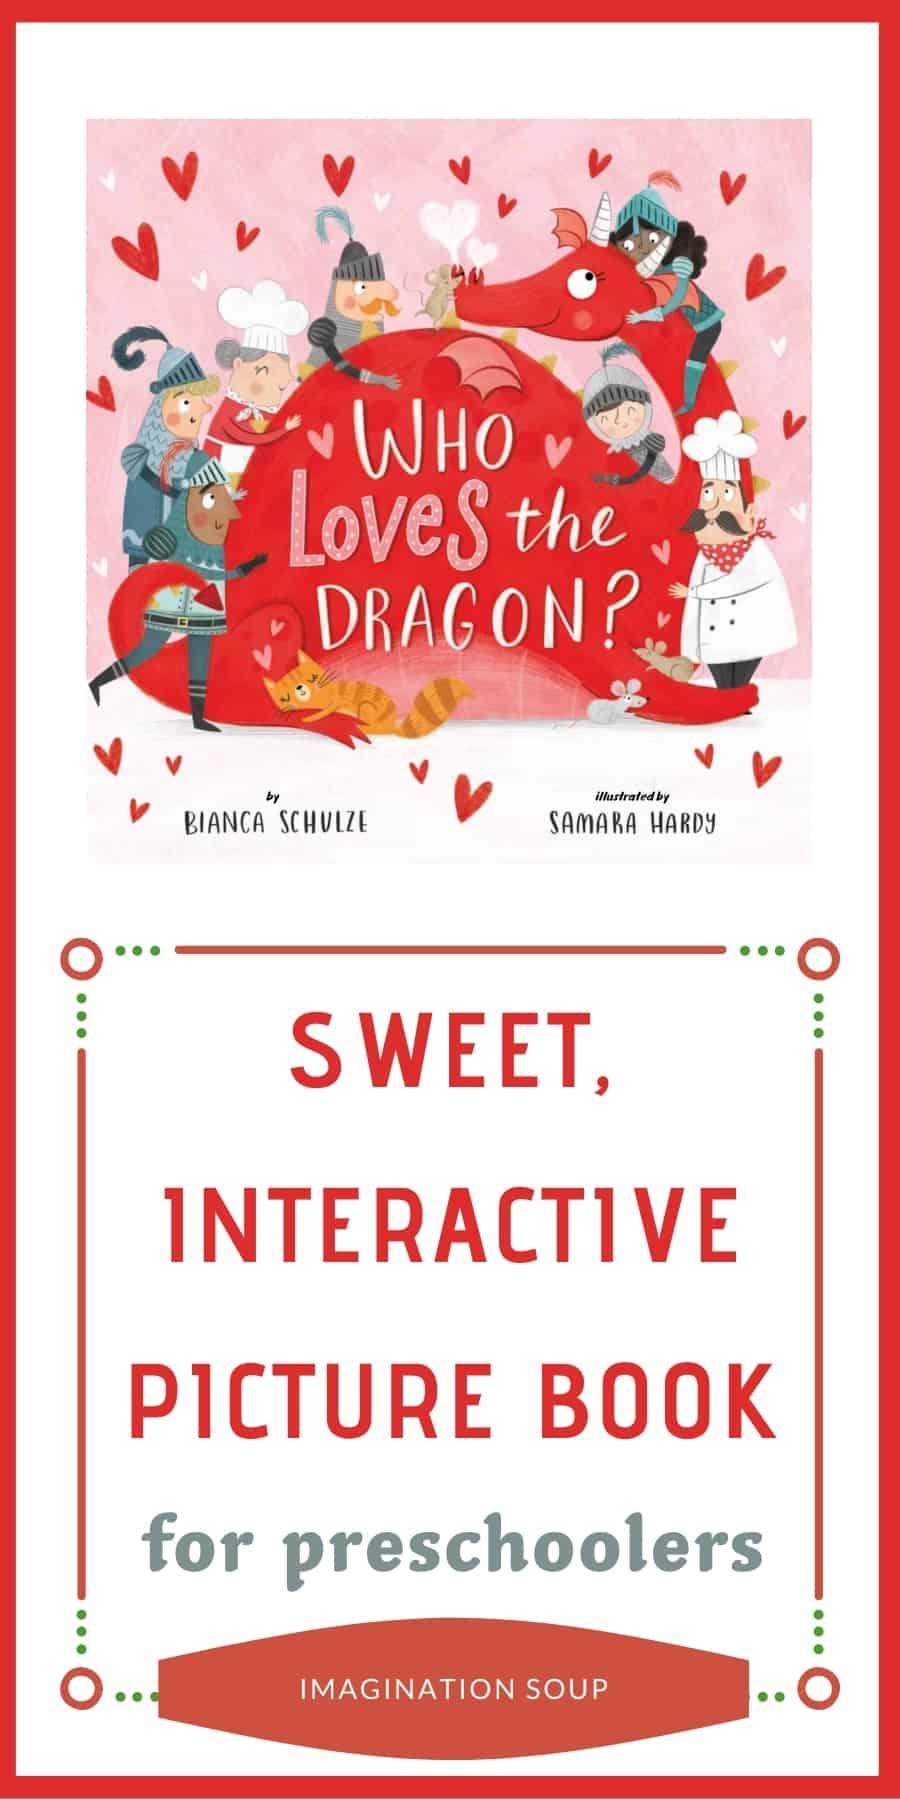 sweet, interactive picture book for preschoolers